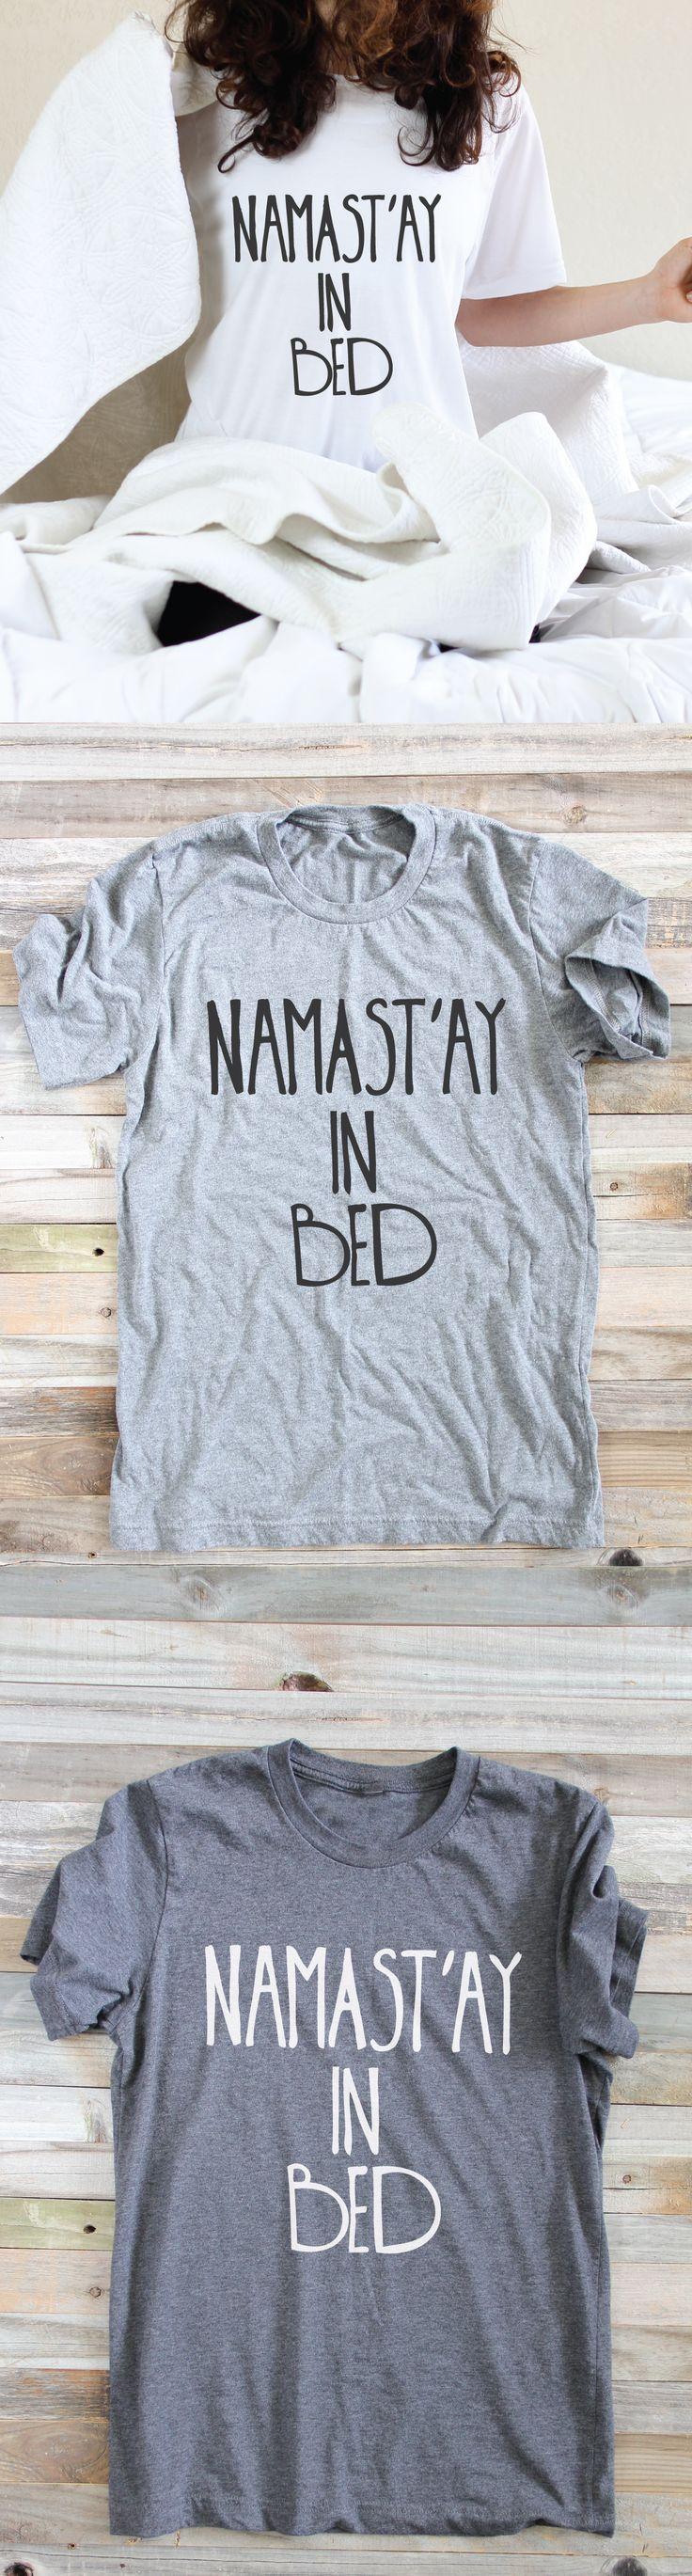 Namast'ay In Bed - Funny Yoga Shirt